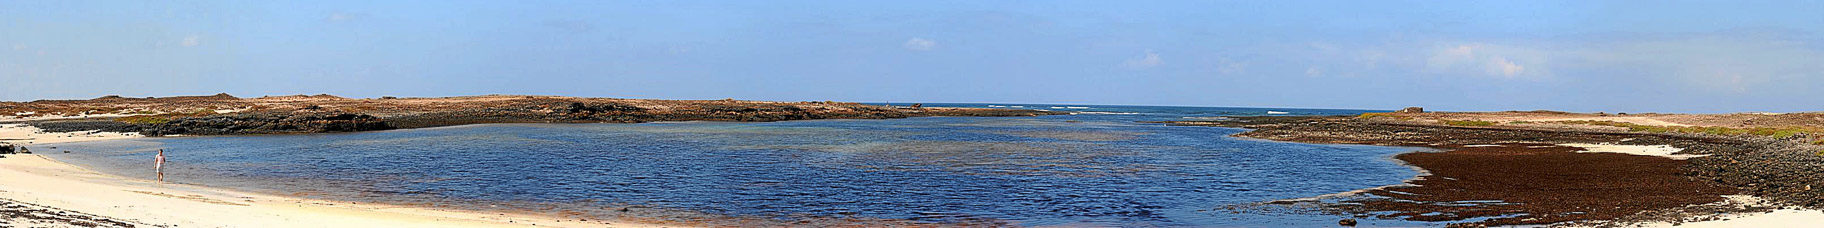 Lavastrom ins Meer bei Corralejo